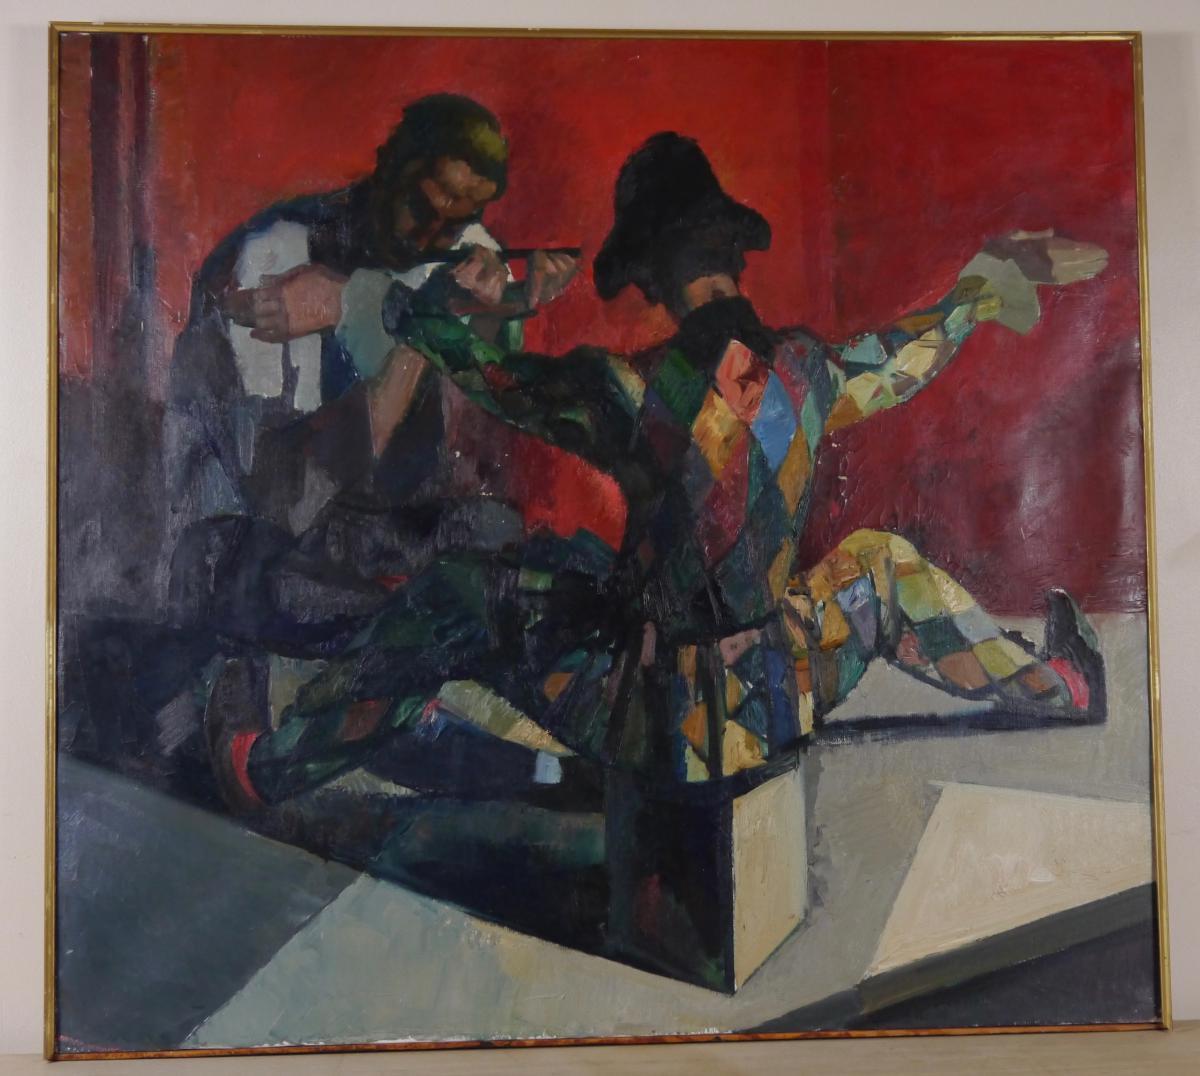 Joseph Desmedt (né En 1894) - Scène Pantin